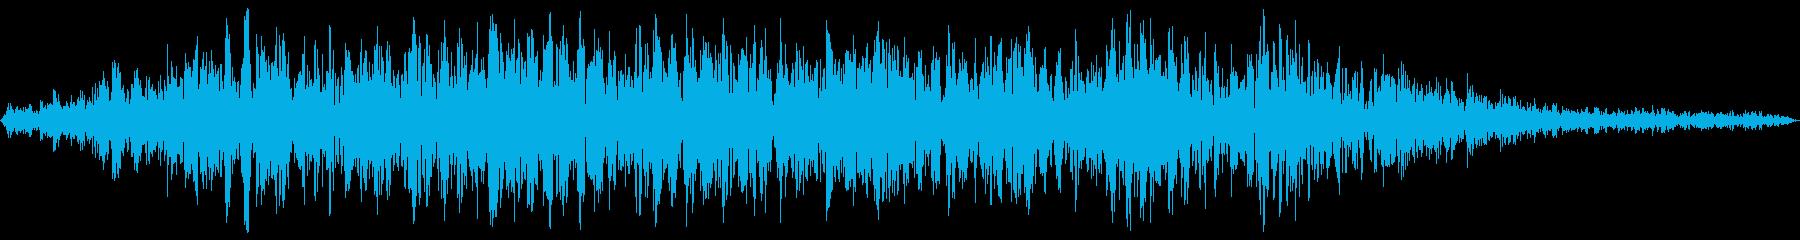 エレベーターの上昇音 リアルな生録音の再生済みの波形